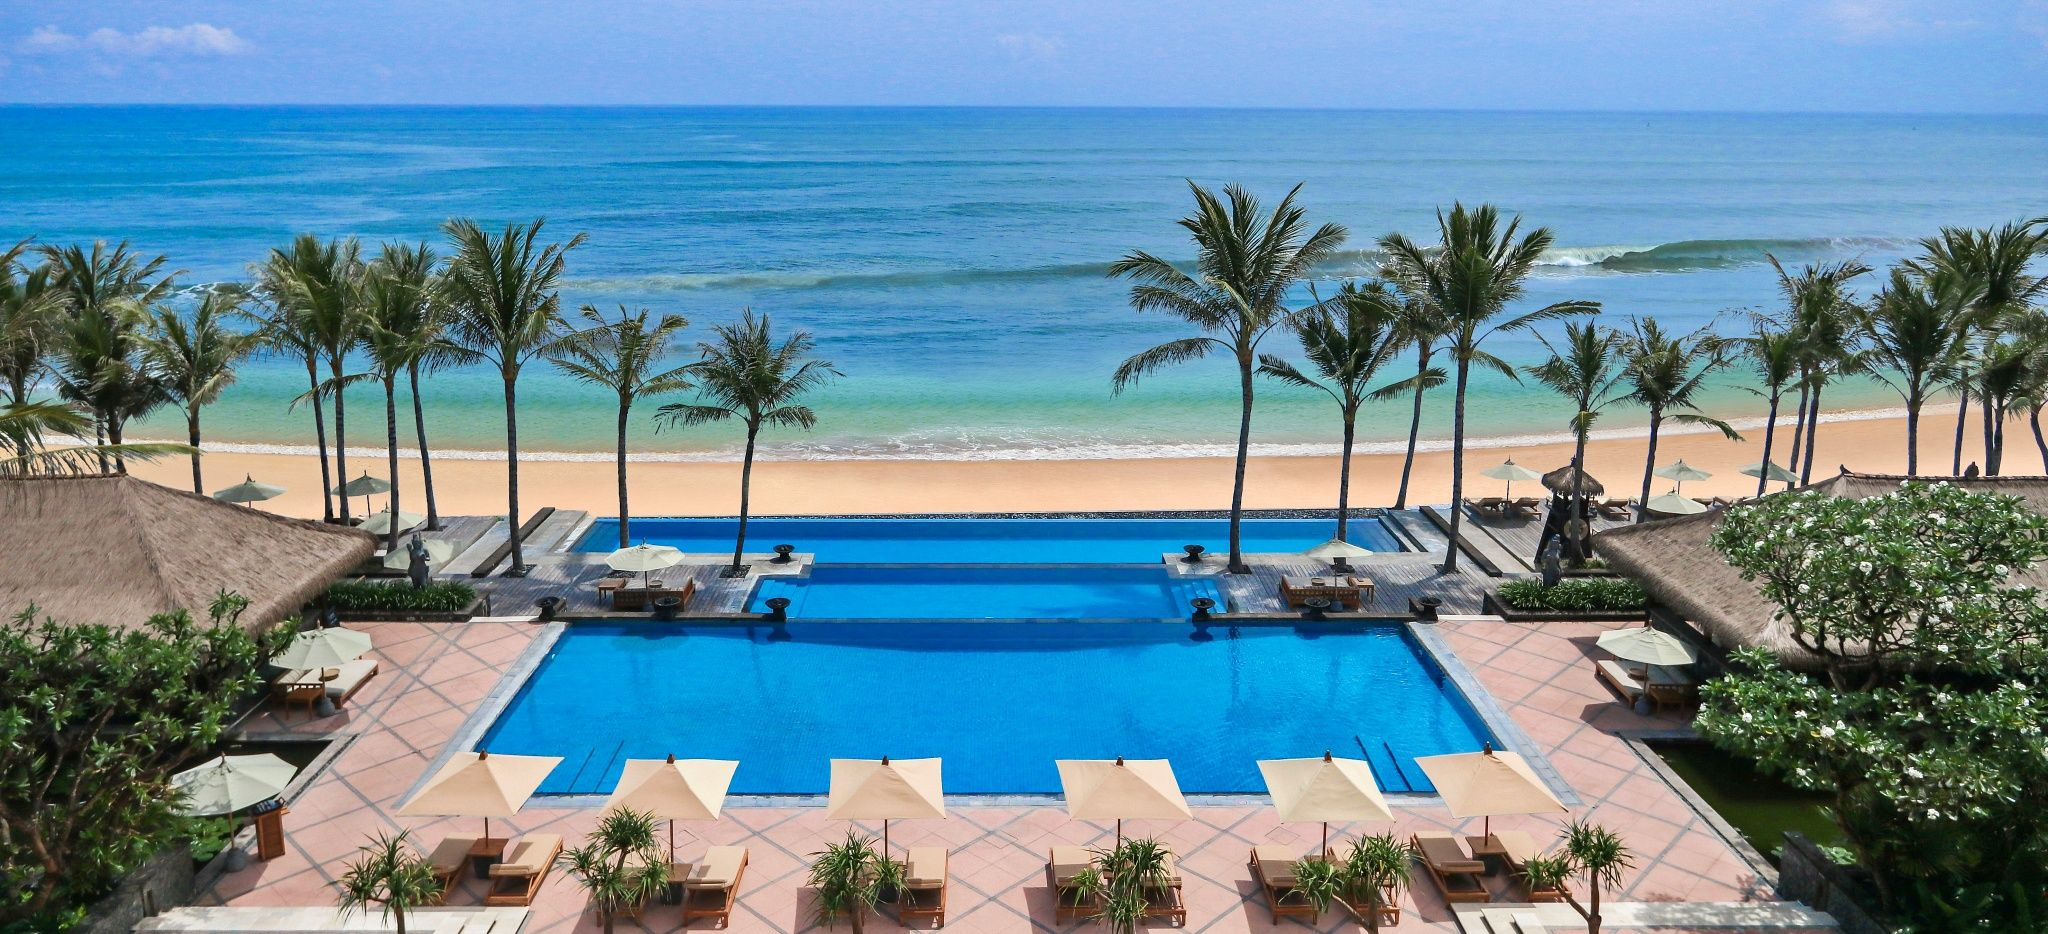 """Ein Pool direkt am Meer im """"The Legian"""" auf Bali"""